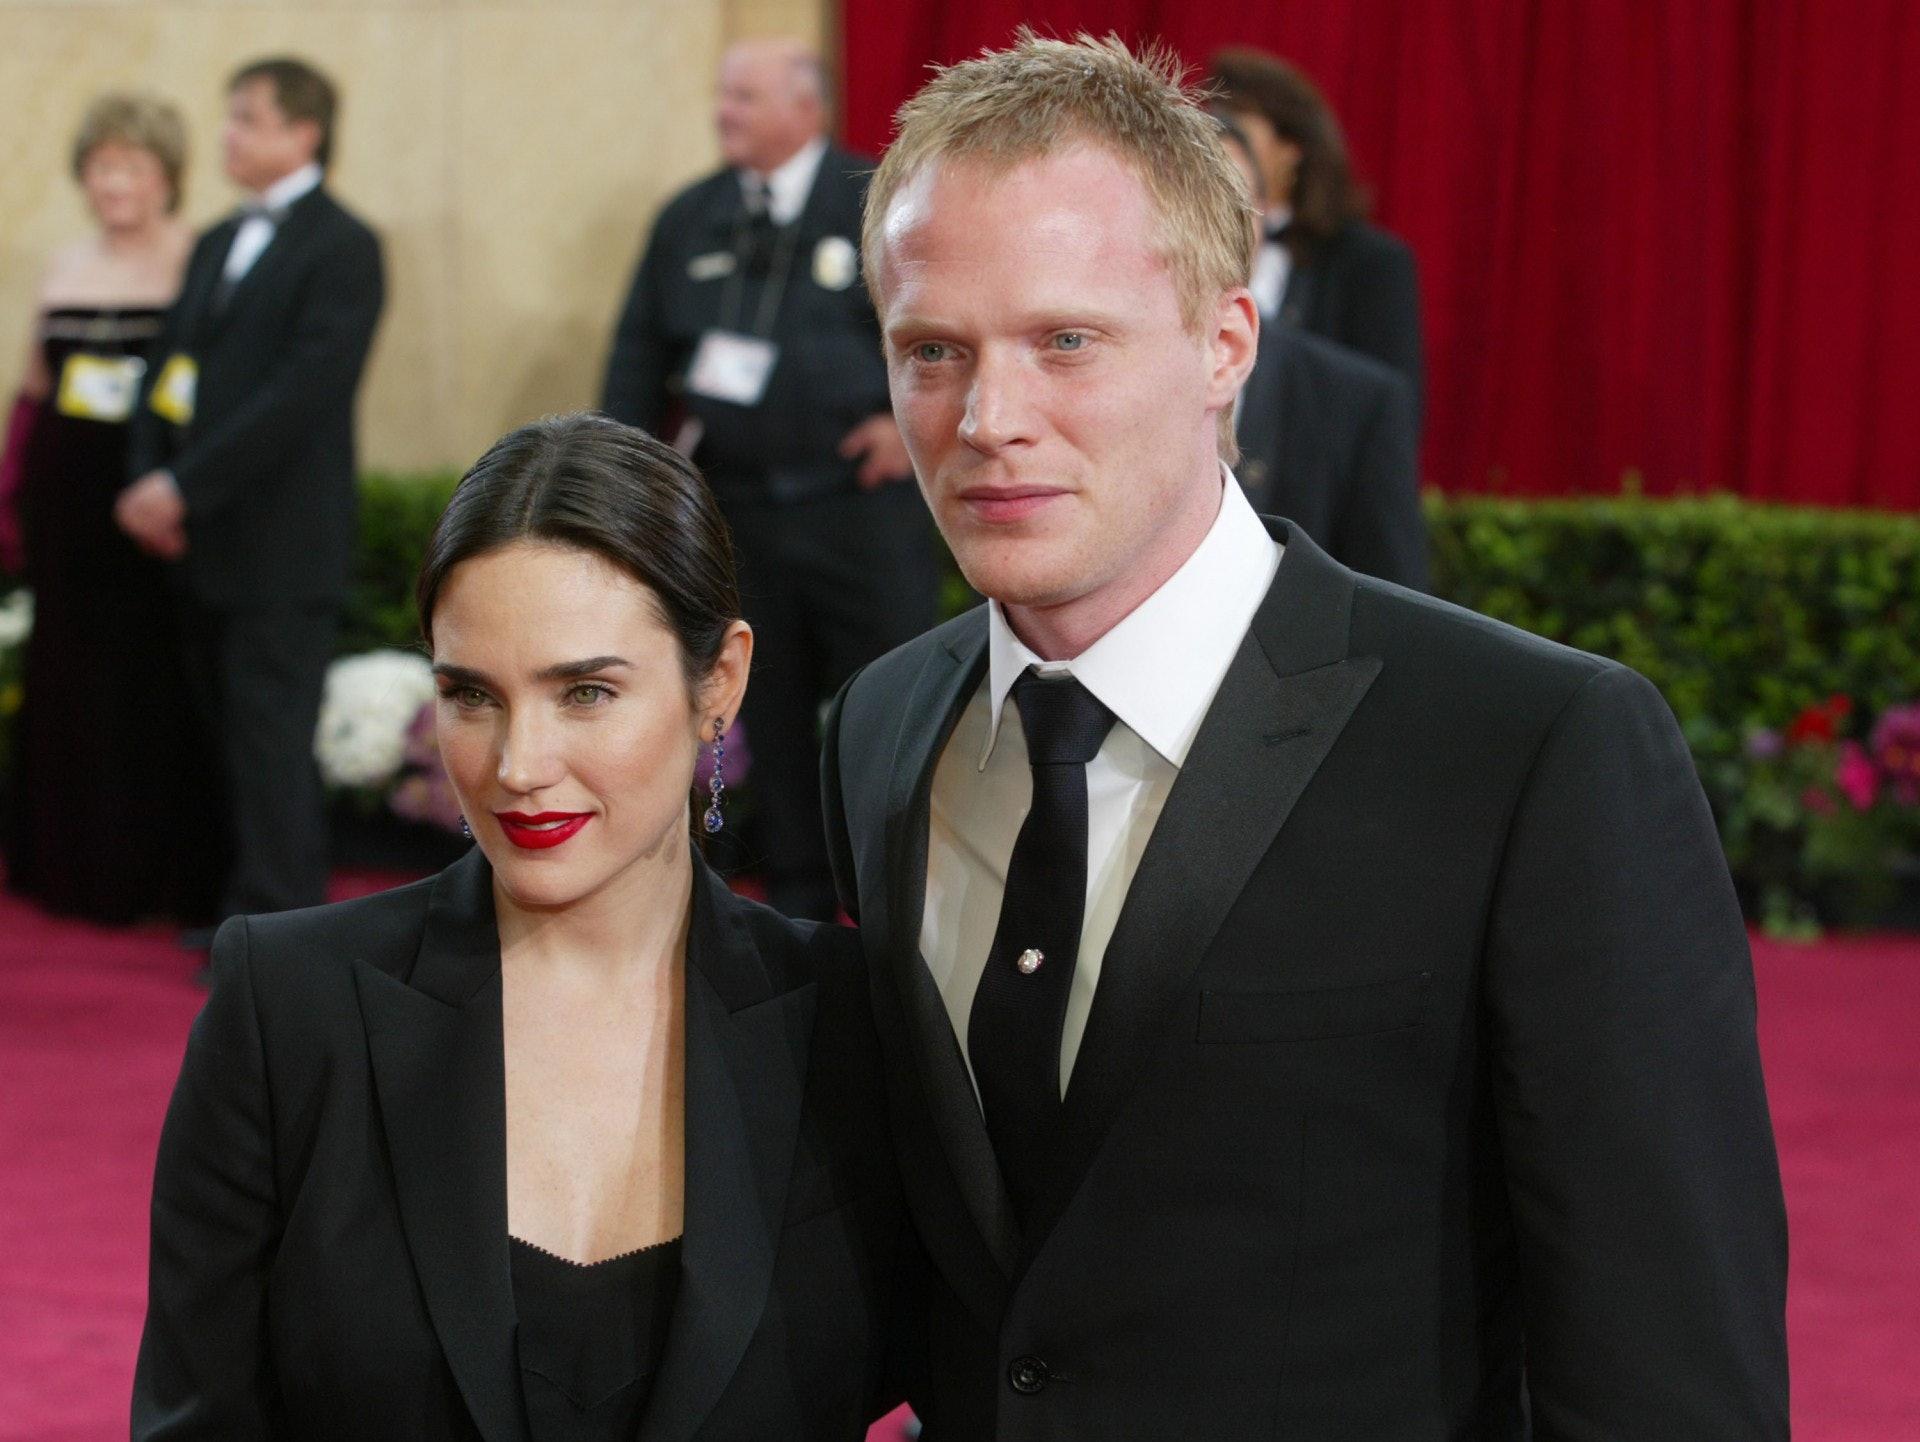 珍妮花與「幻視」於2003年結婚,育有3名子女,幸福滿瀉。(Getty Images)